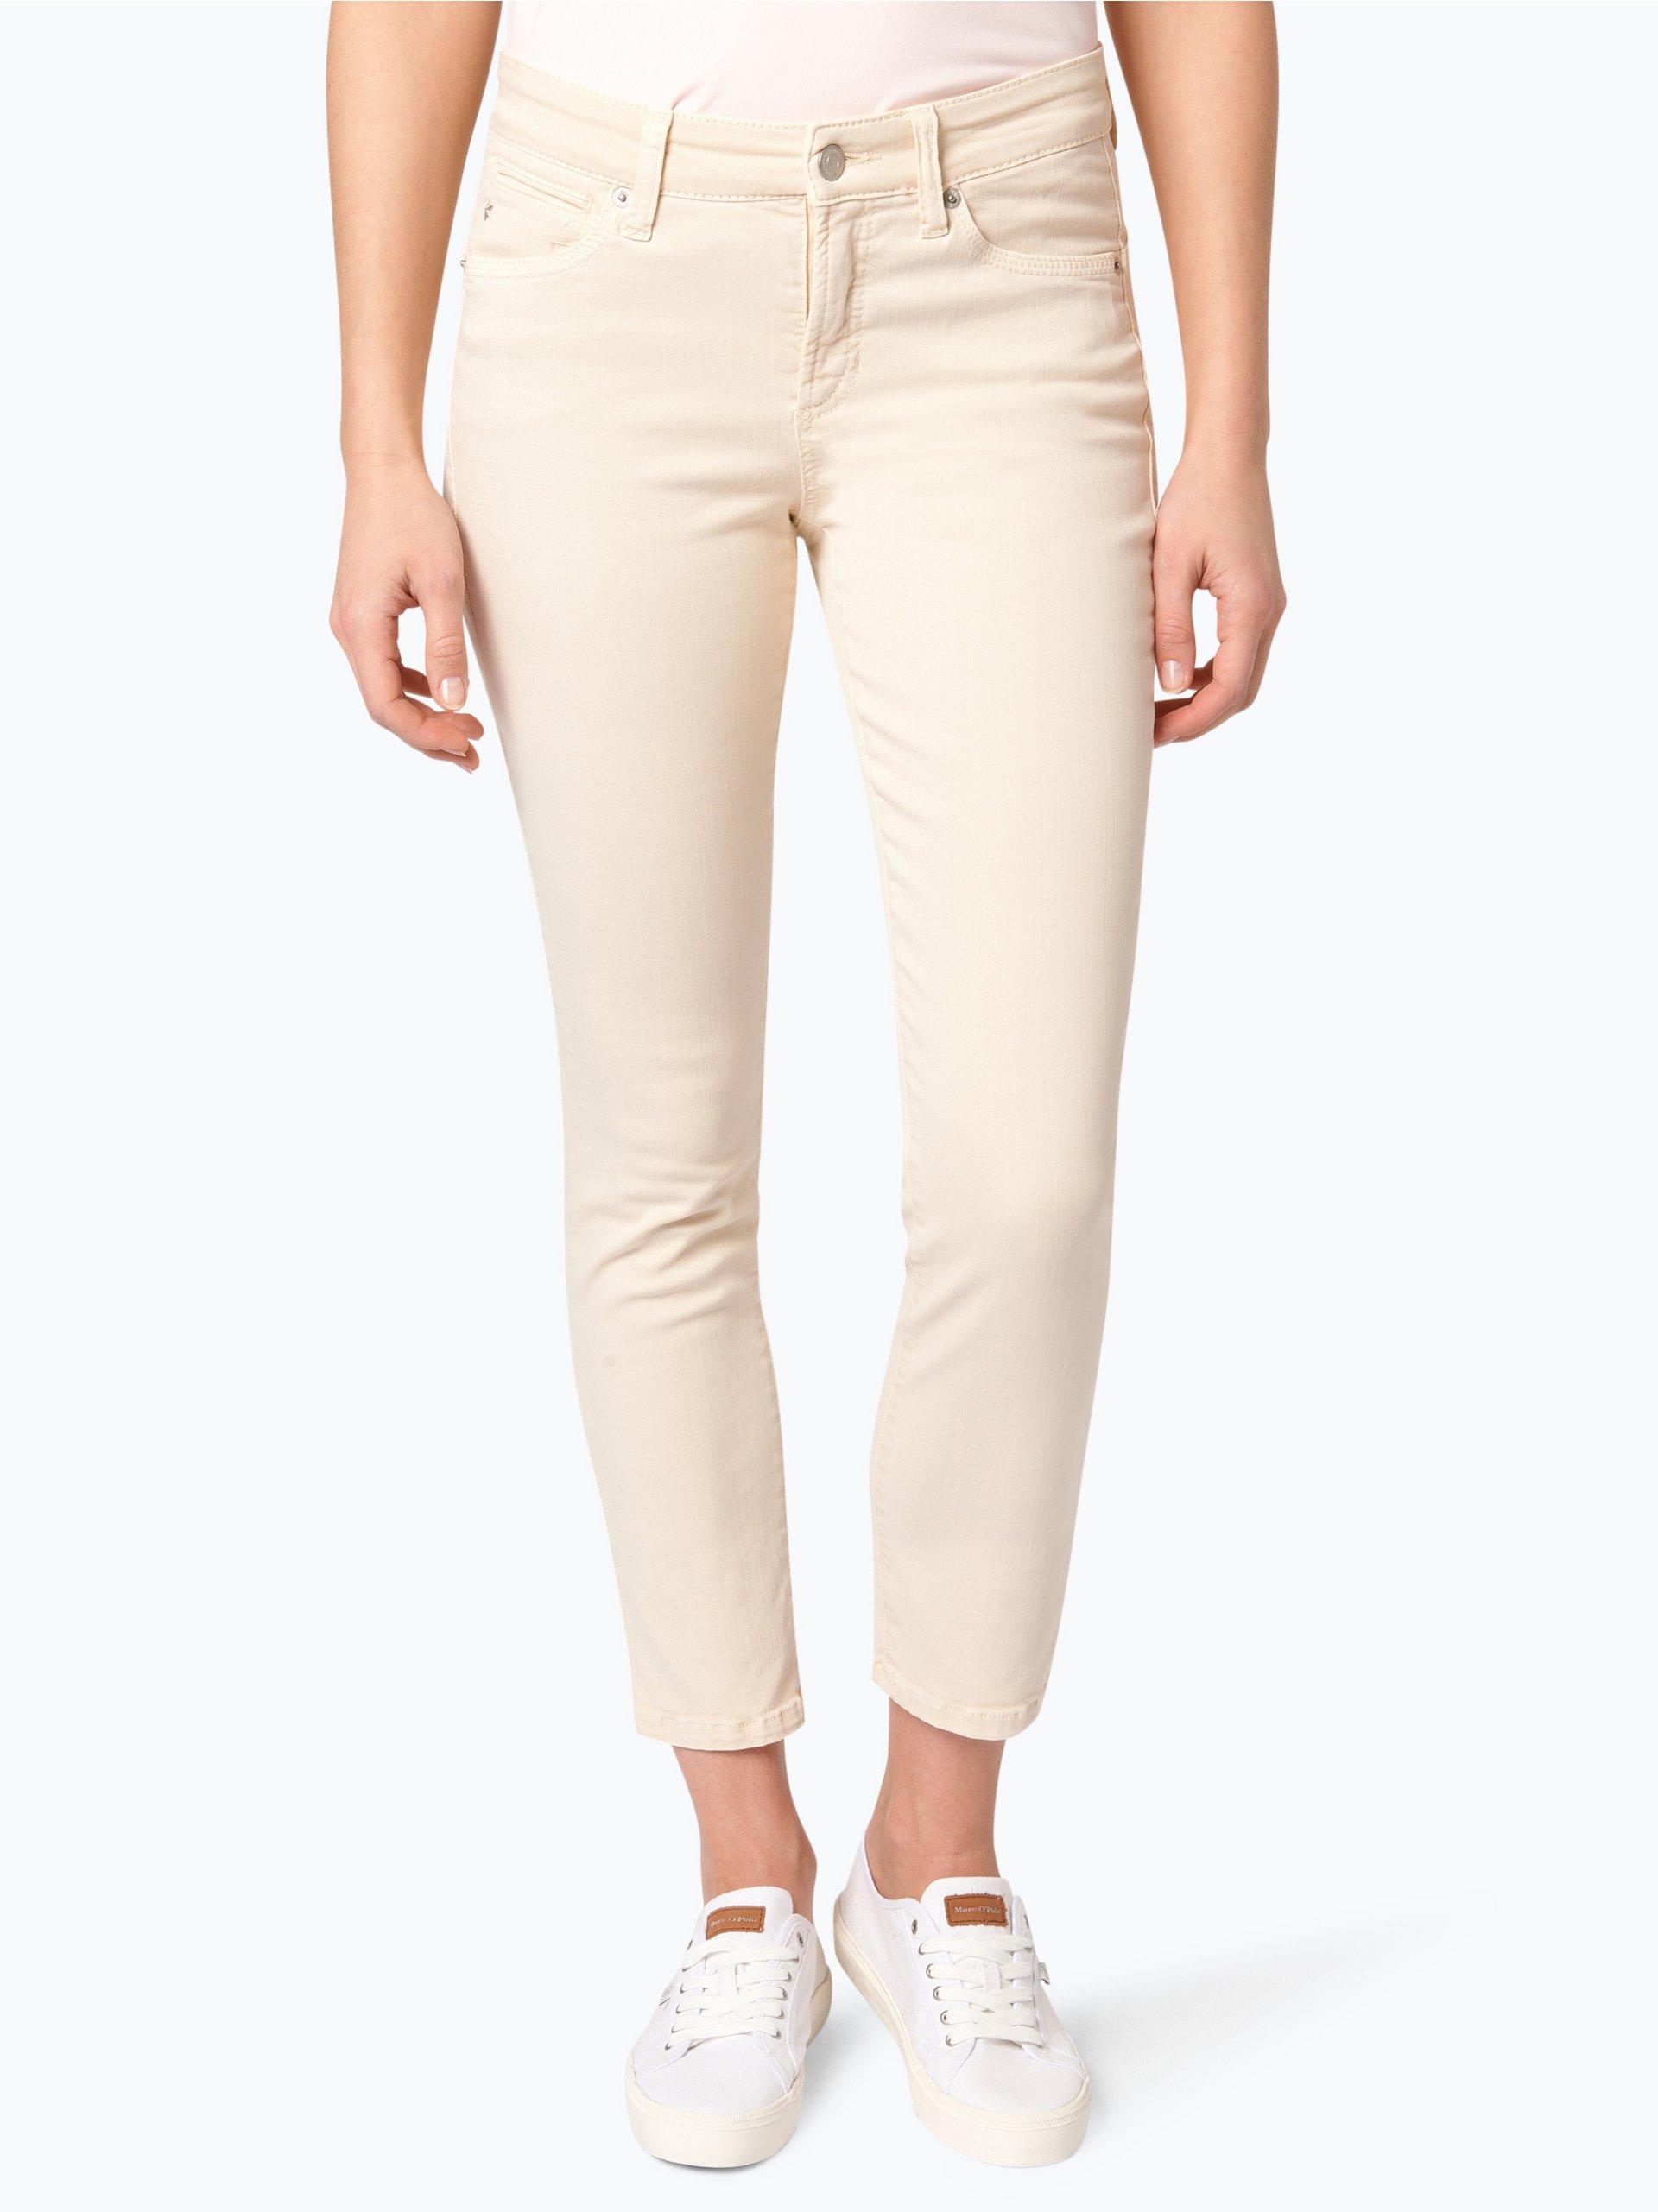 cambio damen jeans piper beige uni online kaufen peek und cloppenburg de. Black Bedroom Furniture Sets. Home Design Ideas